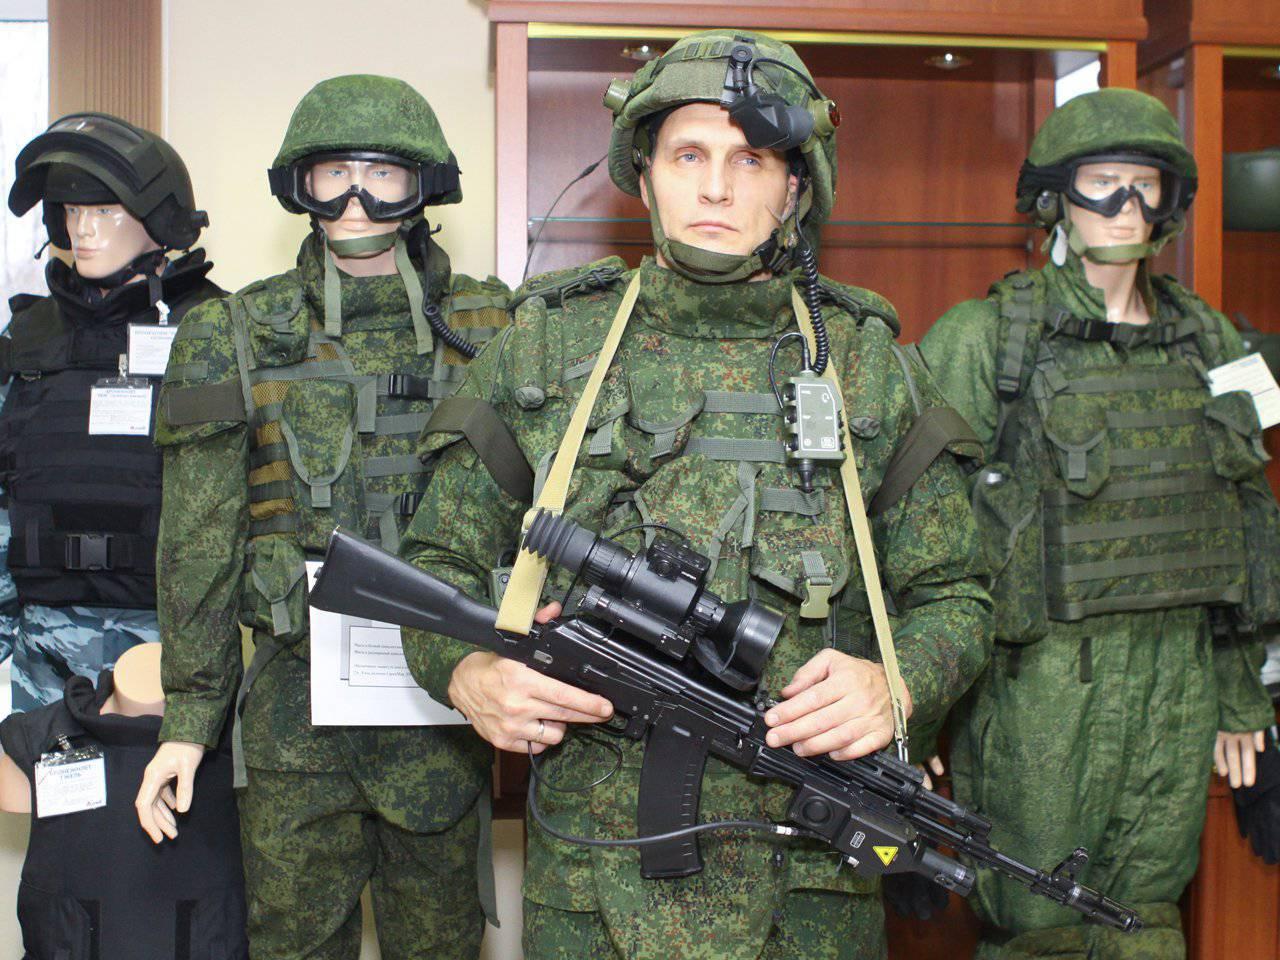 http://topwar.ru/uploads/posts/2012-09/1346746530_143a82656fcfed65a033d7ae3ab539d5.jpg